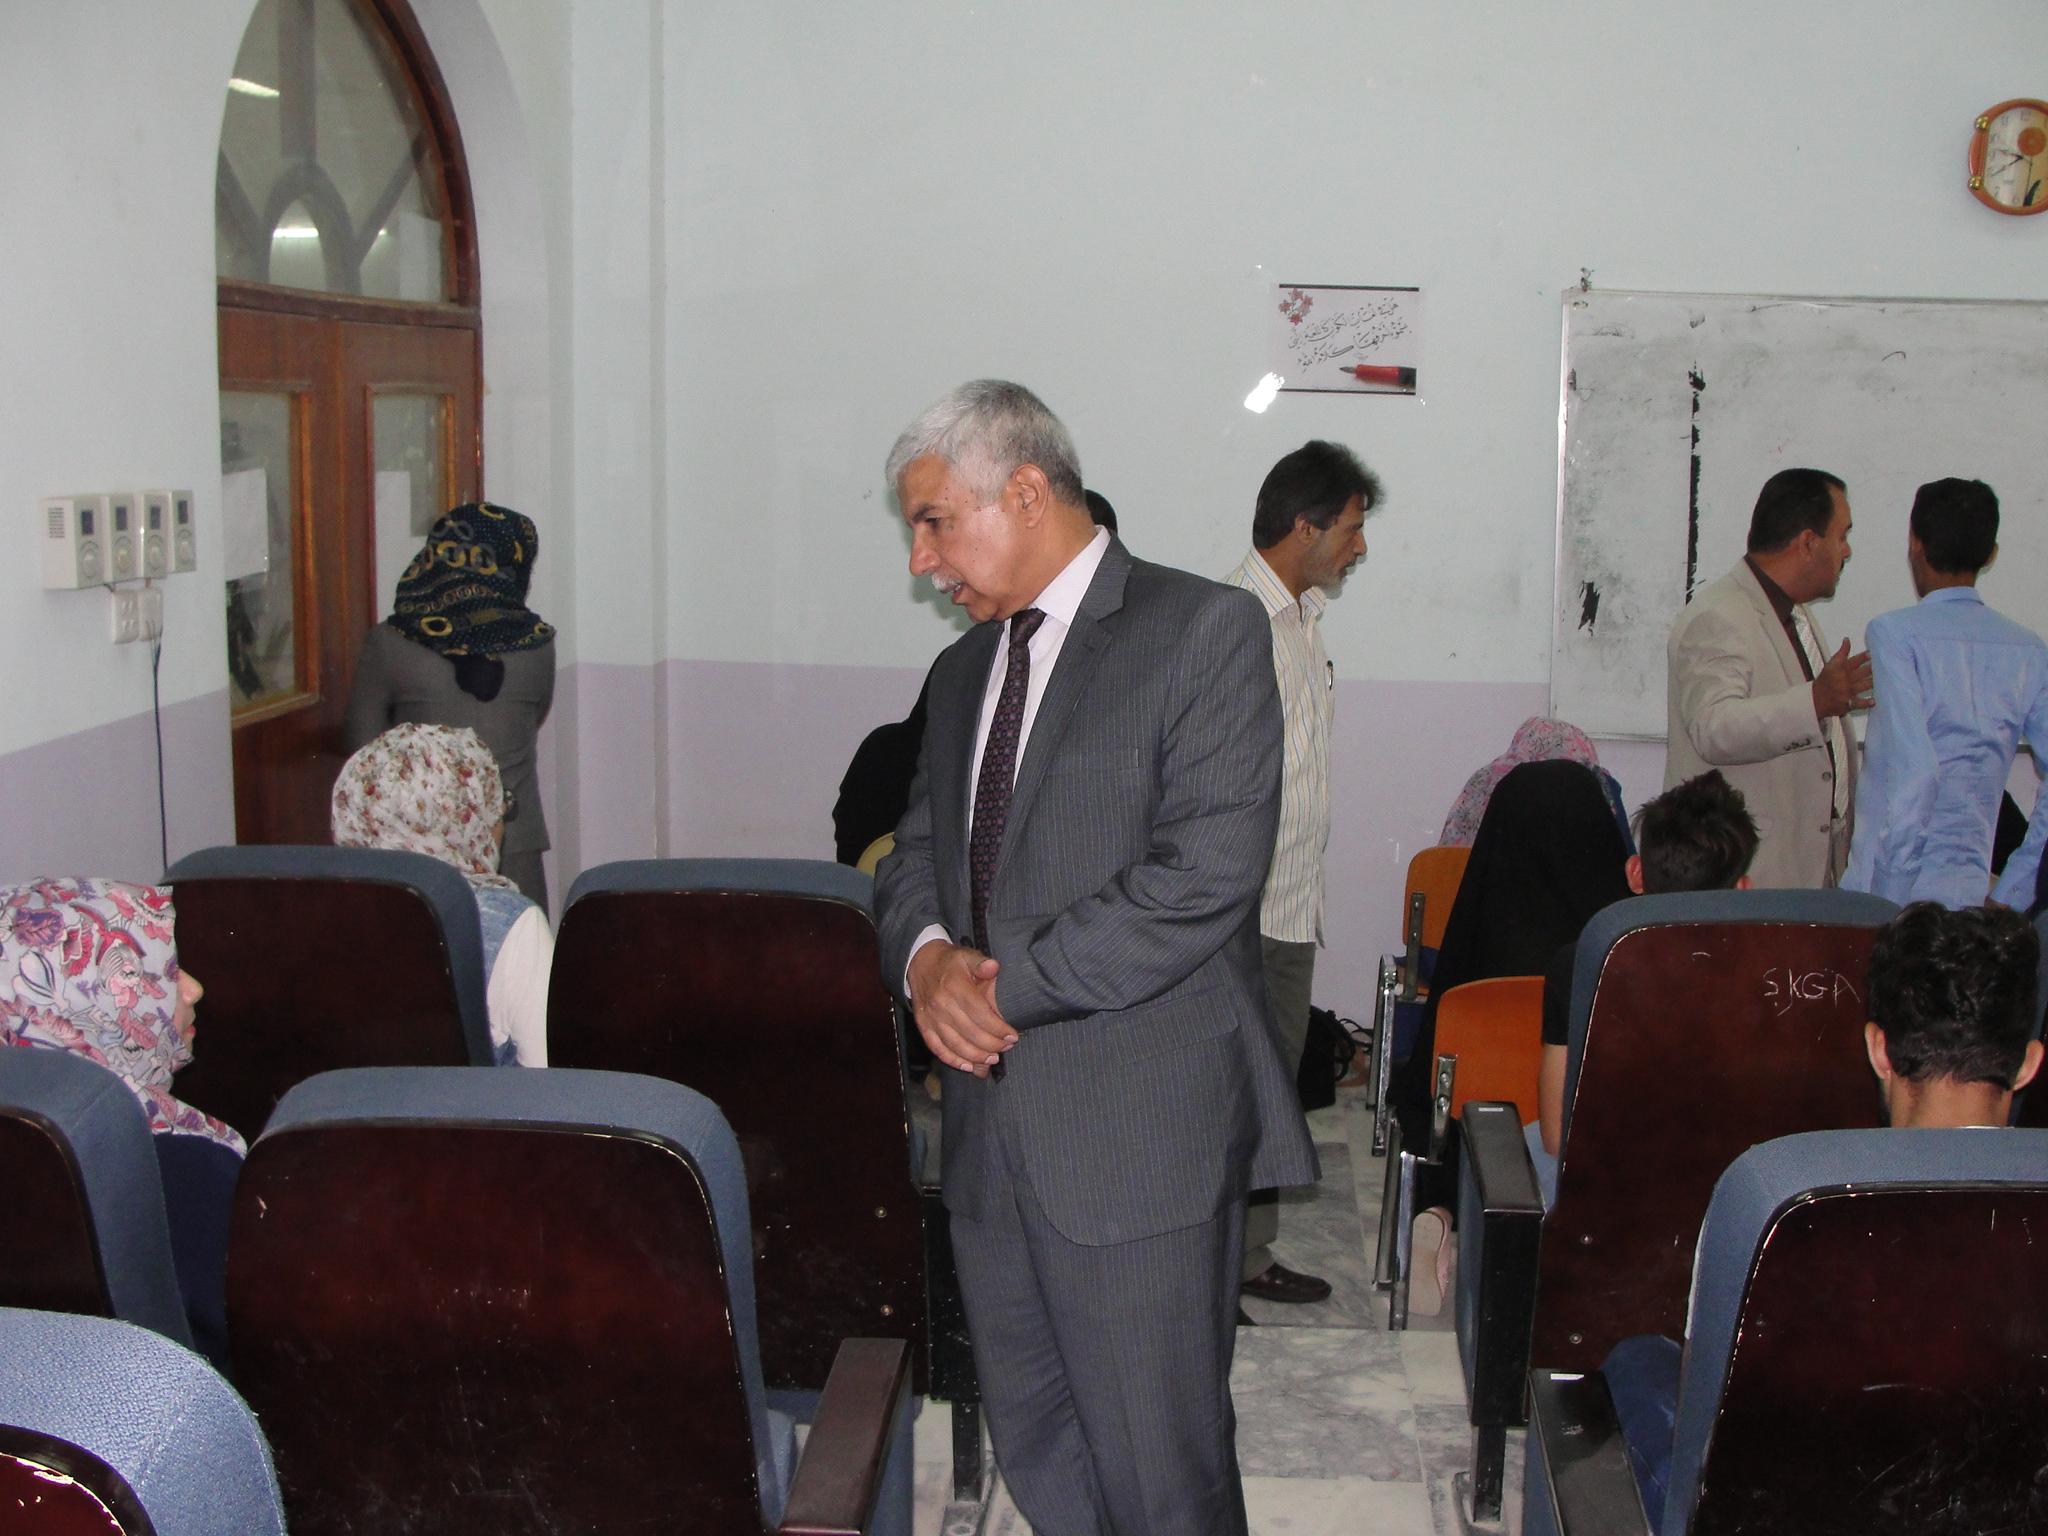 السيد مساعد رئيس جامعة القادسية يتفقد قاعات الامتحان التقويمي لكلية الآداب